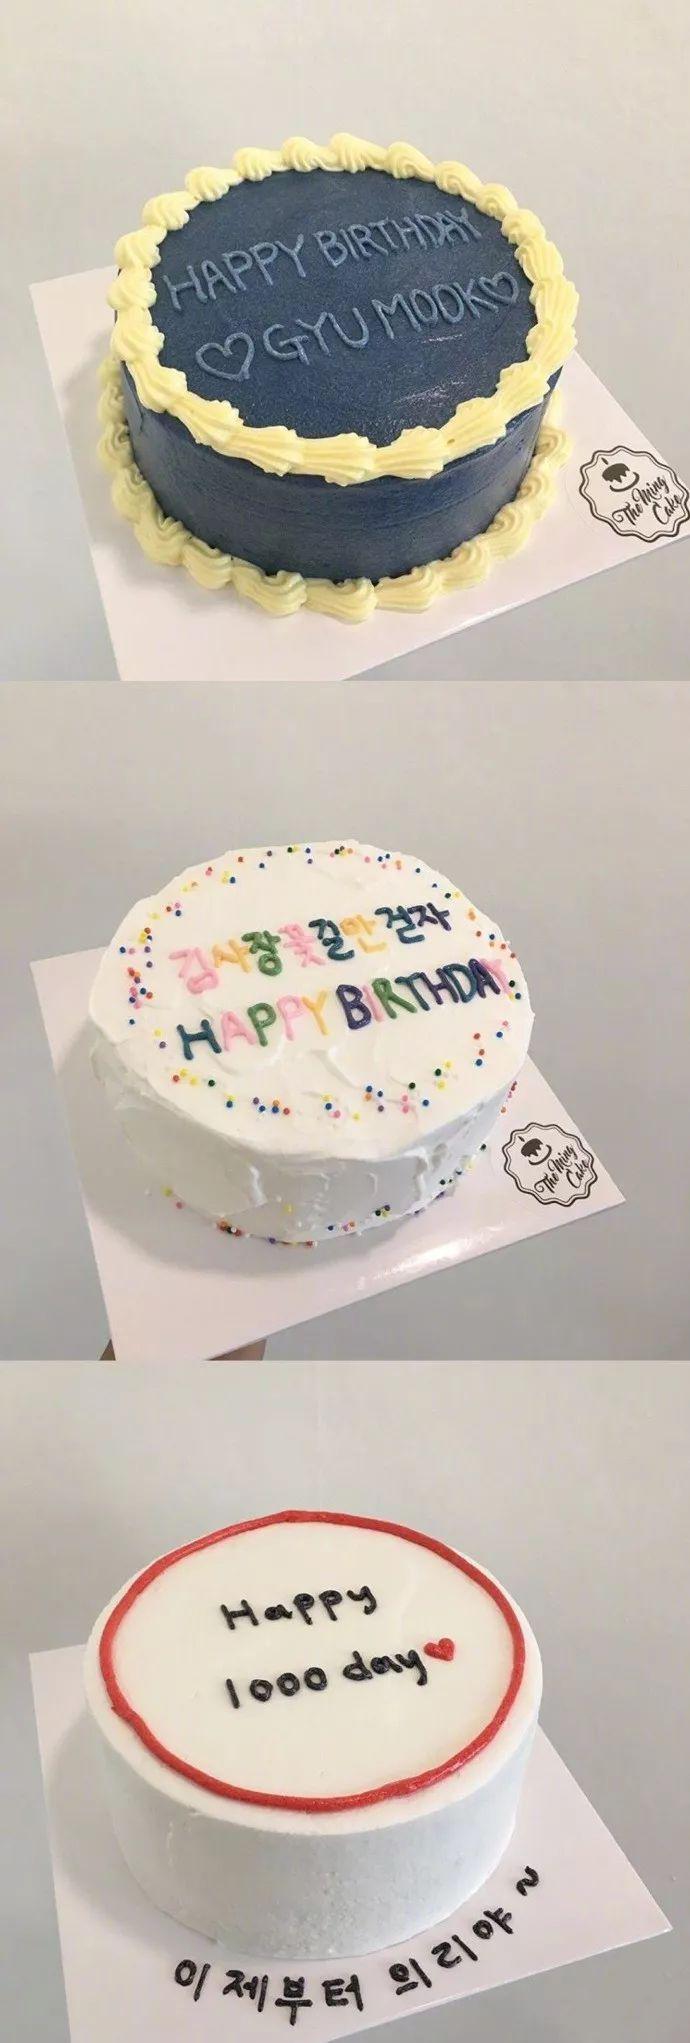 广式月饼配方_27款简约又可爱的蛋糕